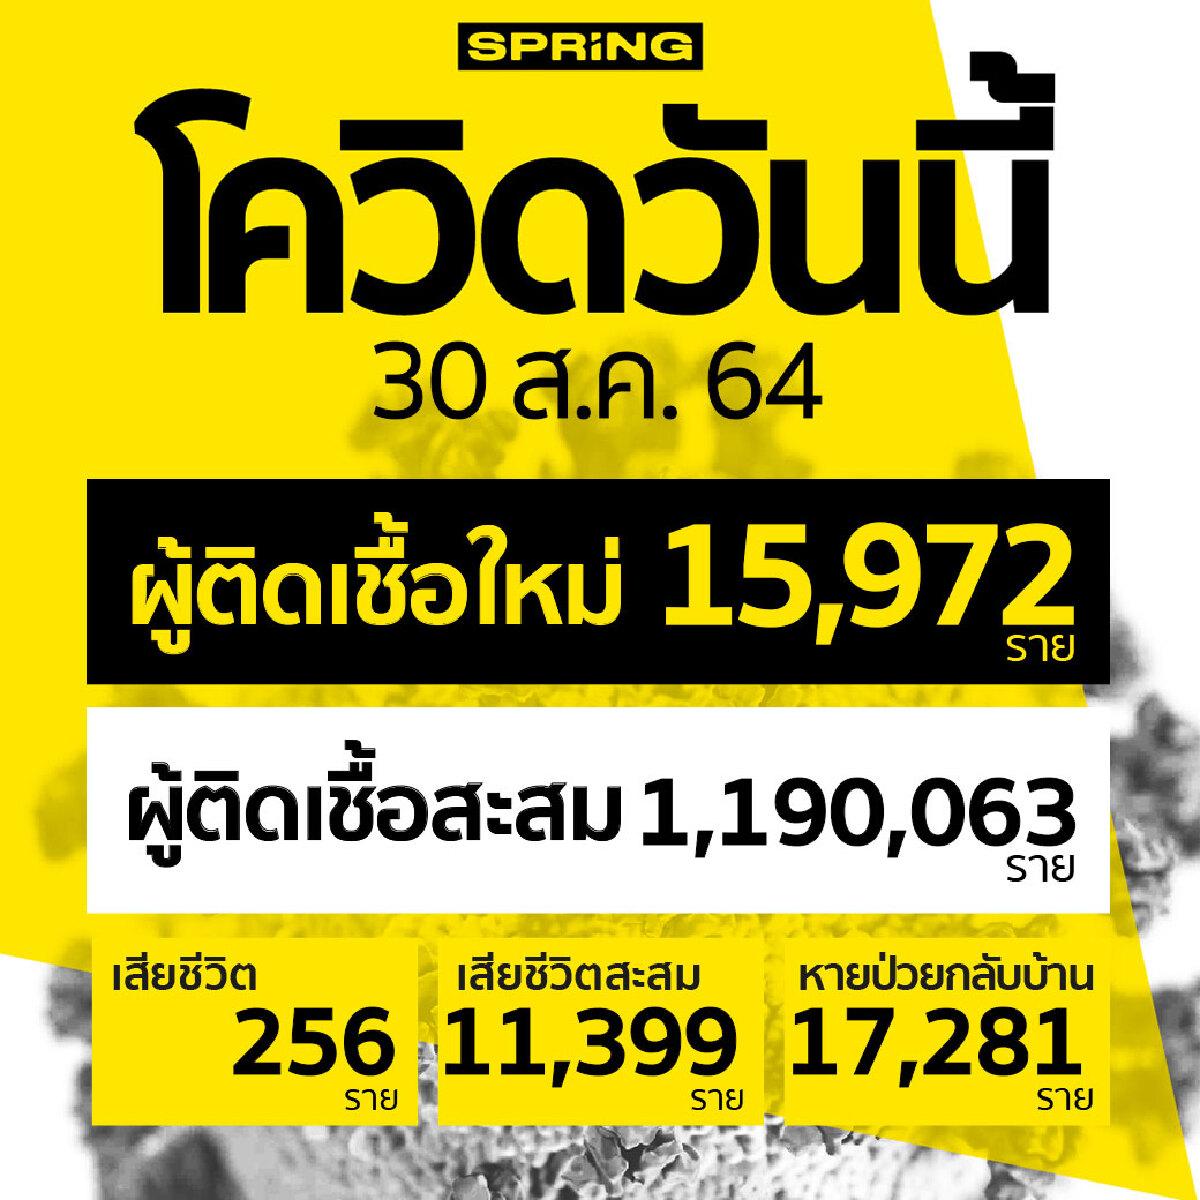 โควิดวันนี้ เสียชีวิตเพิ่ม 256 ราย ติดเชื้อเพิ่ม 15,972 ราย